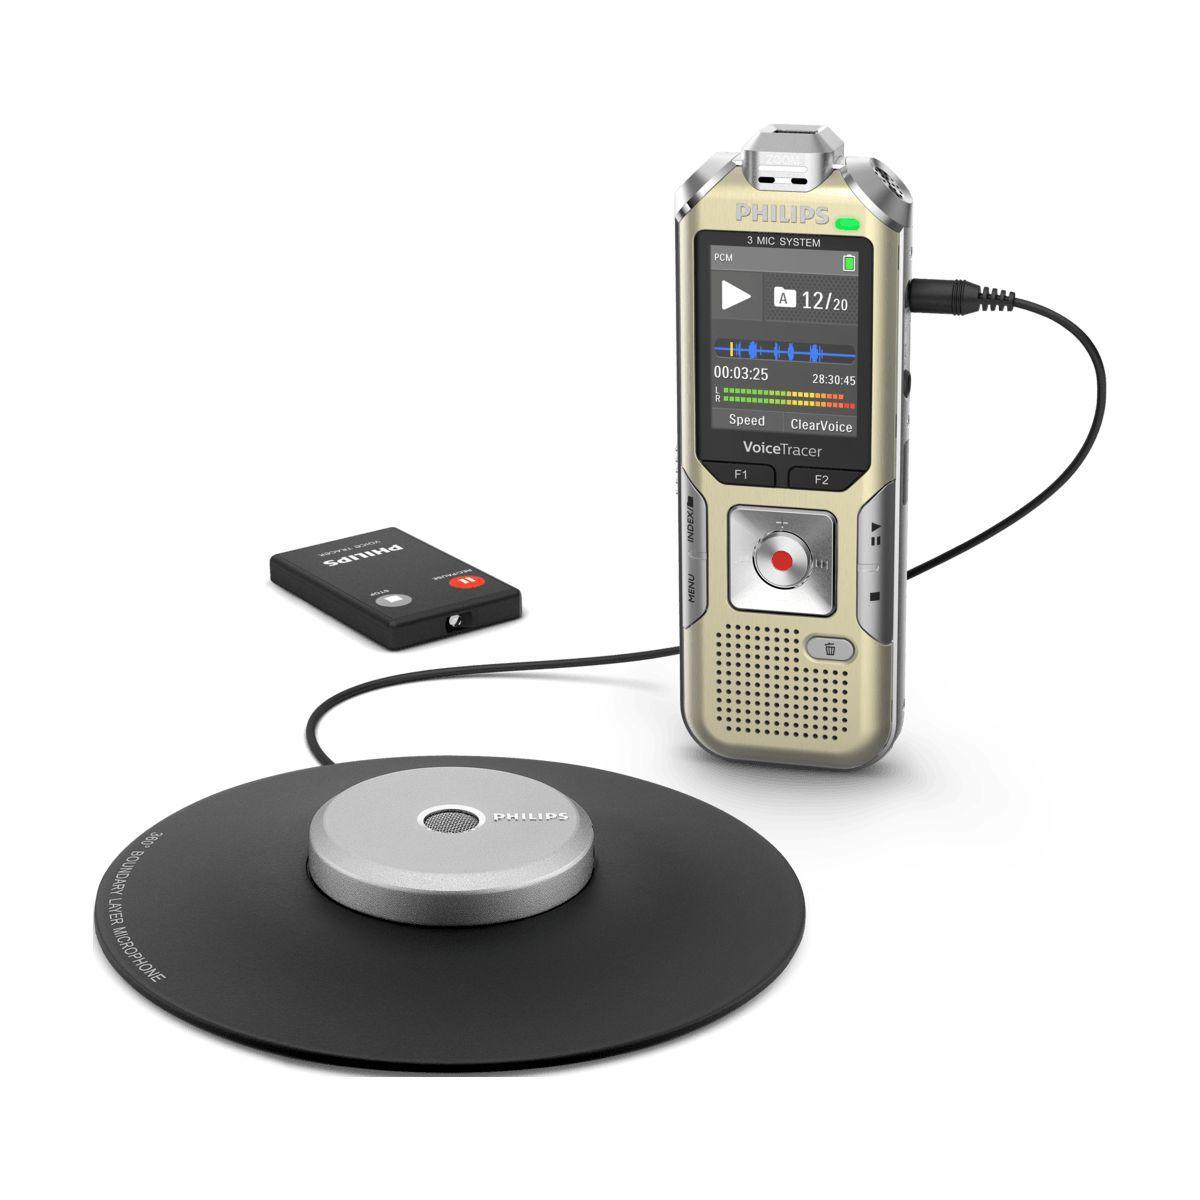 Dictaphone philips dvt8010 - 7% de remise imm�diate avec le code : school7 (photo)